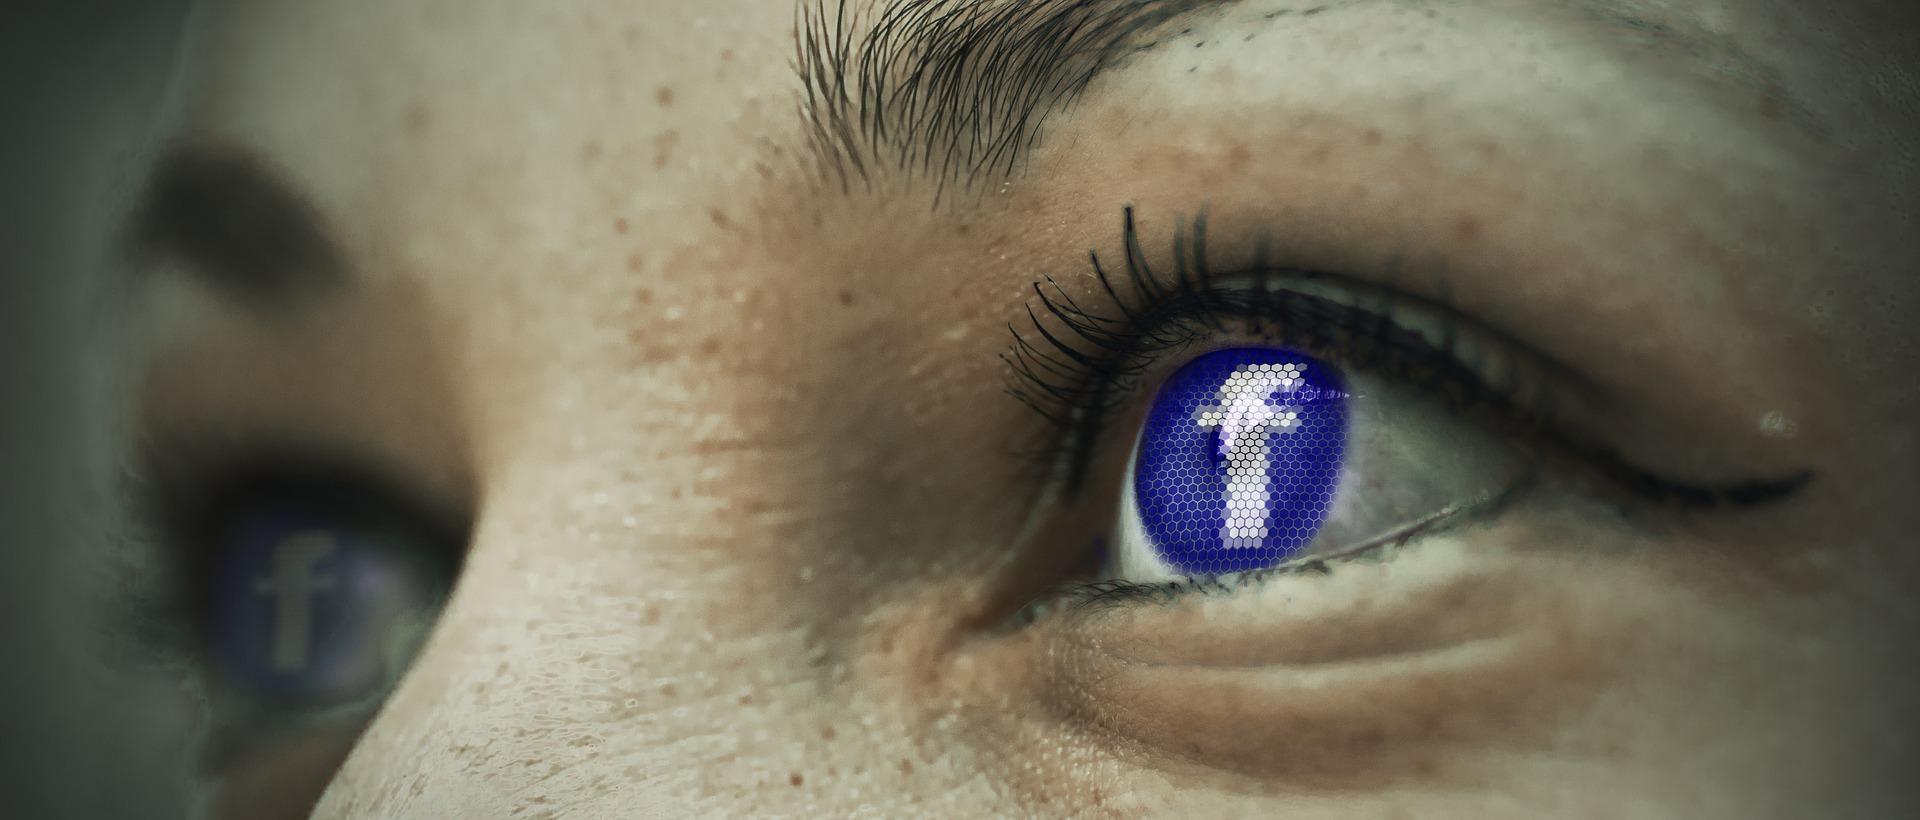 Verkauf Zukunft Entwicklung Neuorientierung Point of Sale Spitzenverkäufer Top-Verkäufer World Wide Web Ulrike Knauer Vertrieb Facebook